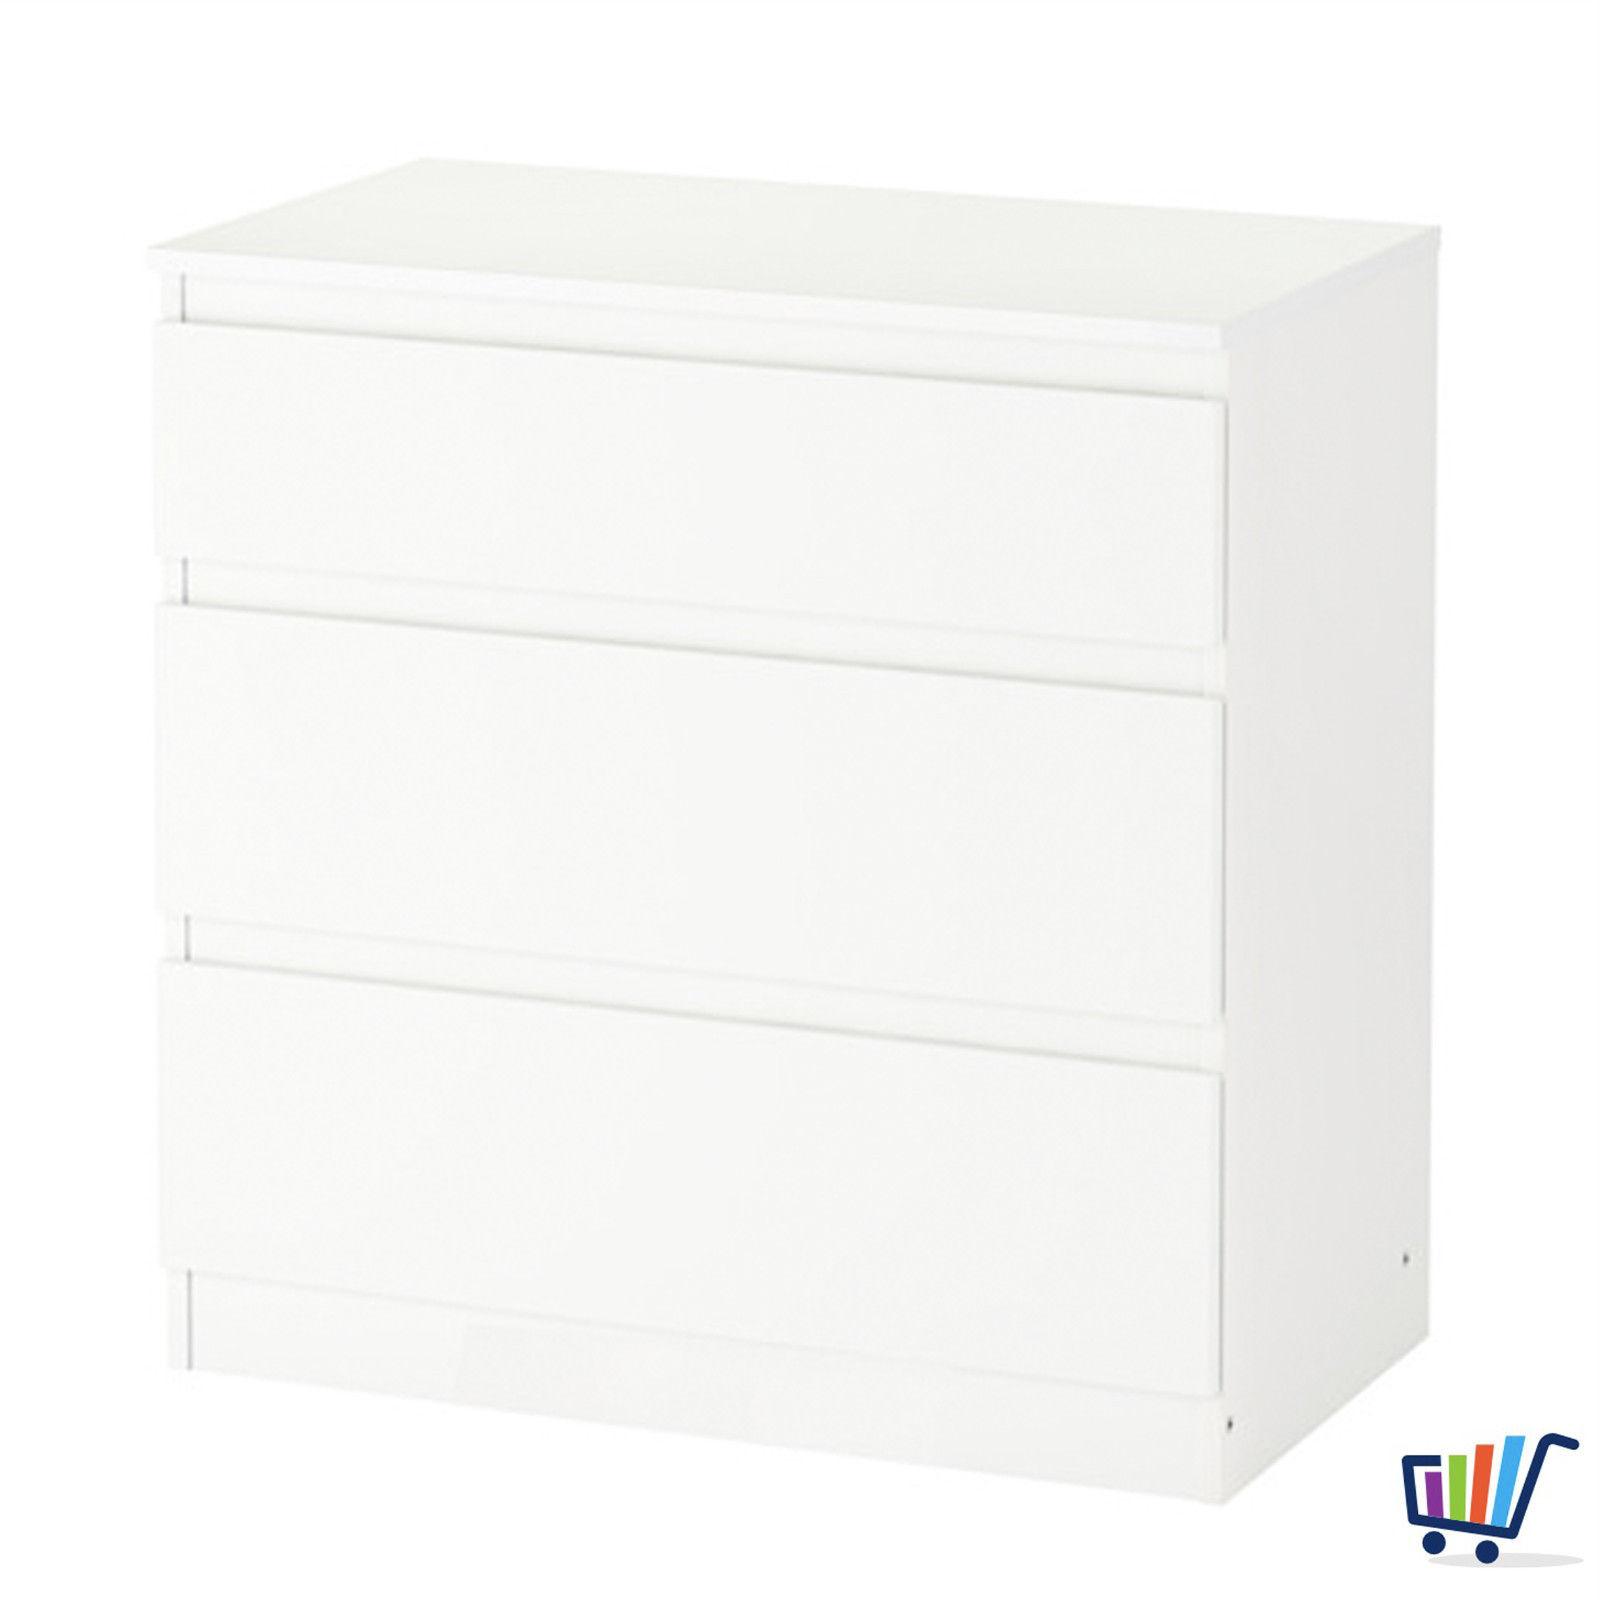 ikea kullen weiß kommode mit 3 schubladen schrank kleiderschrank 70